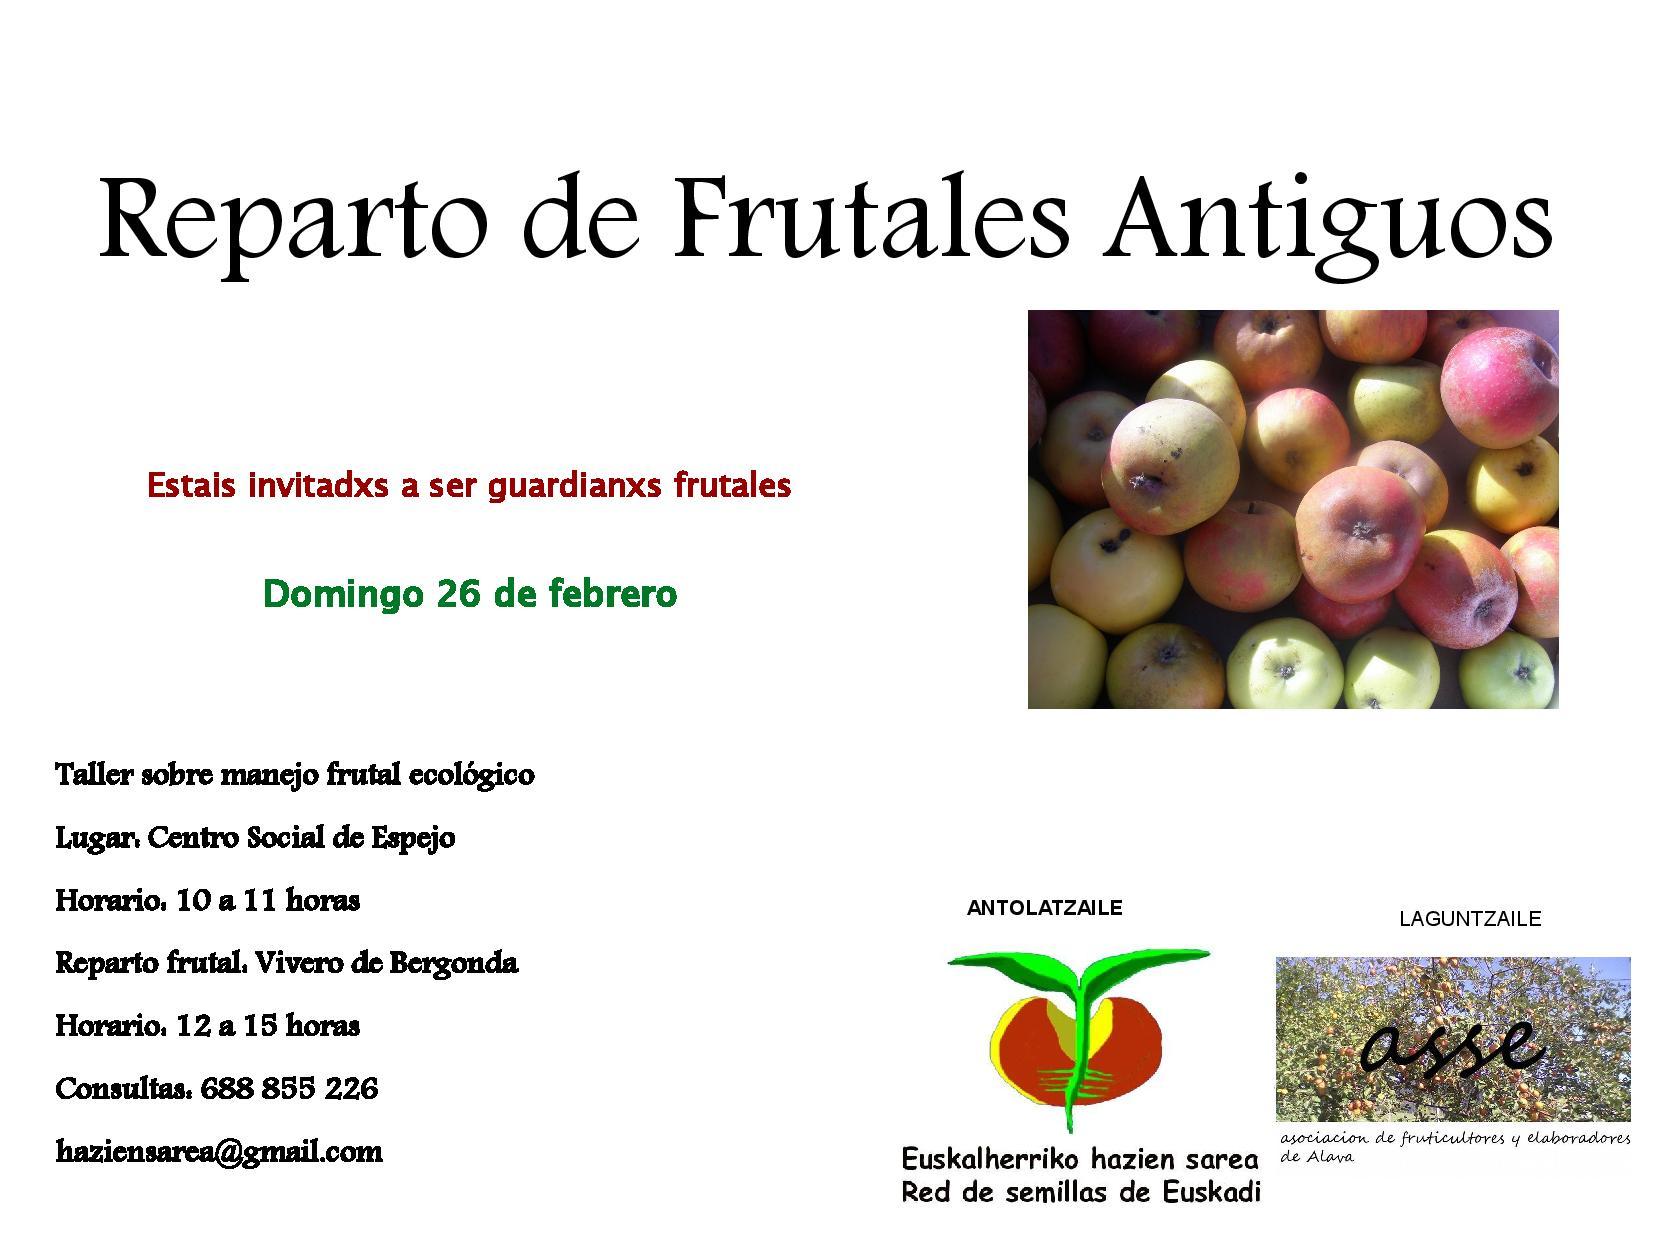 Reparto de Frutales Antiguos